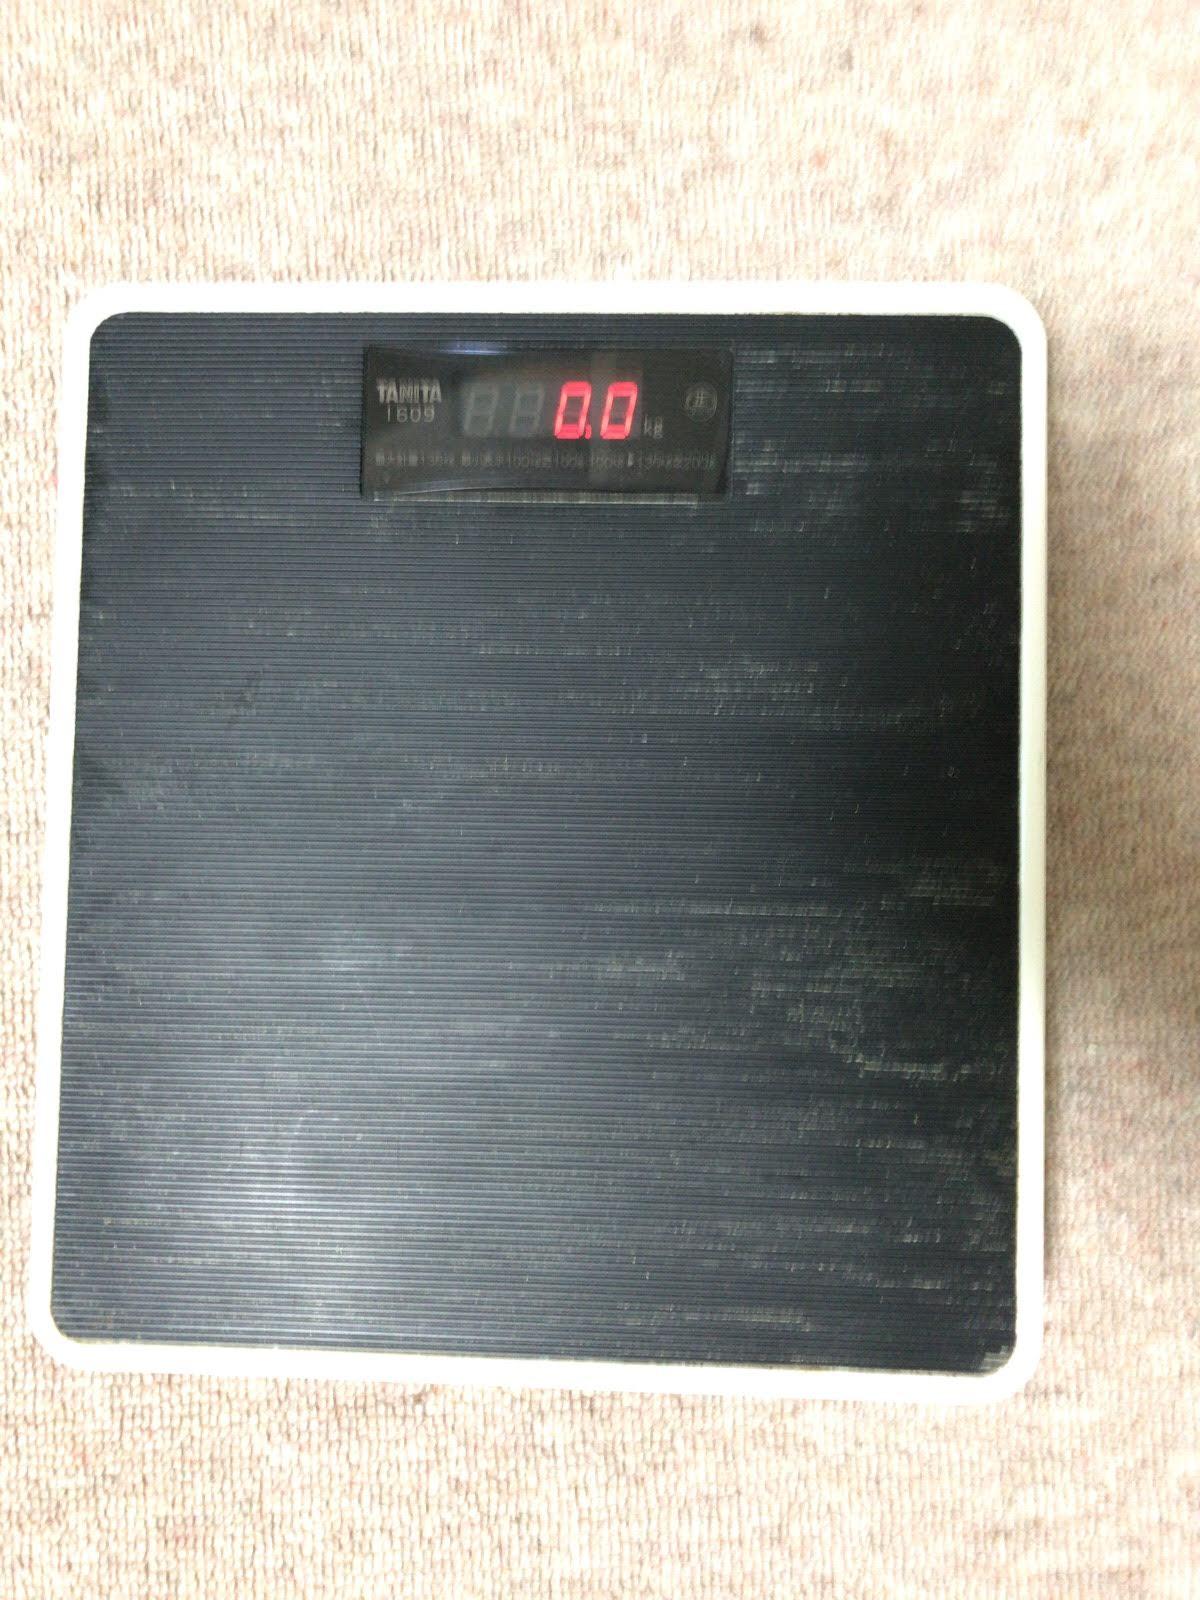 こんな「体重計」の断捨離でした。